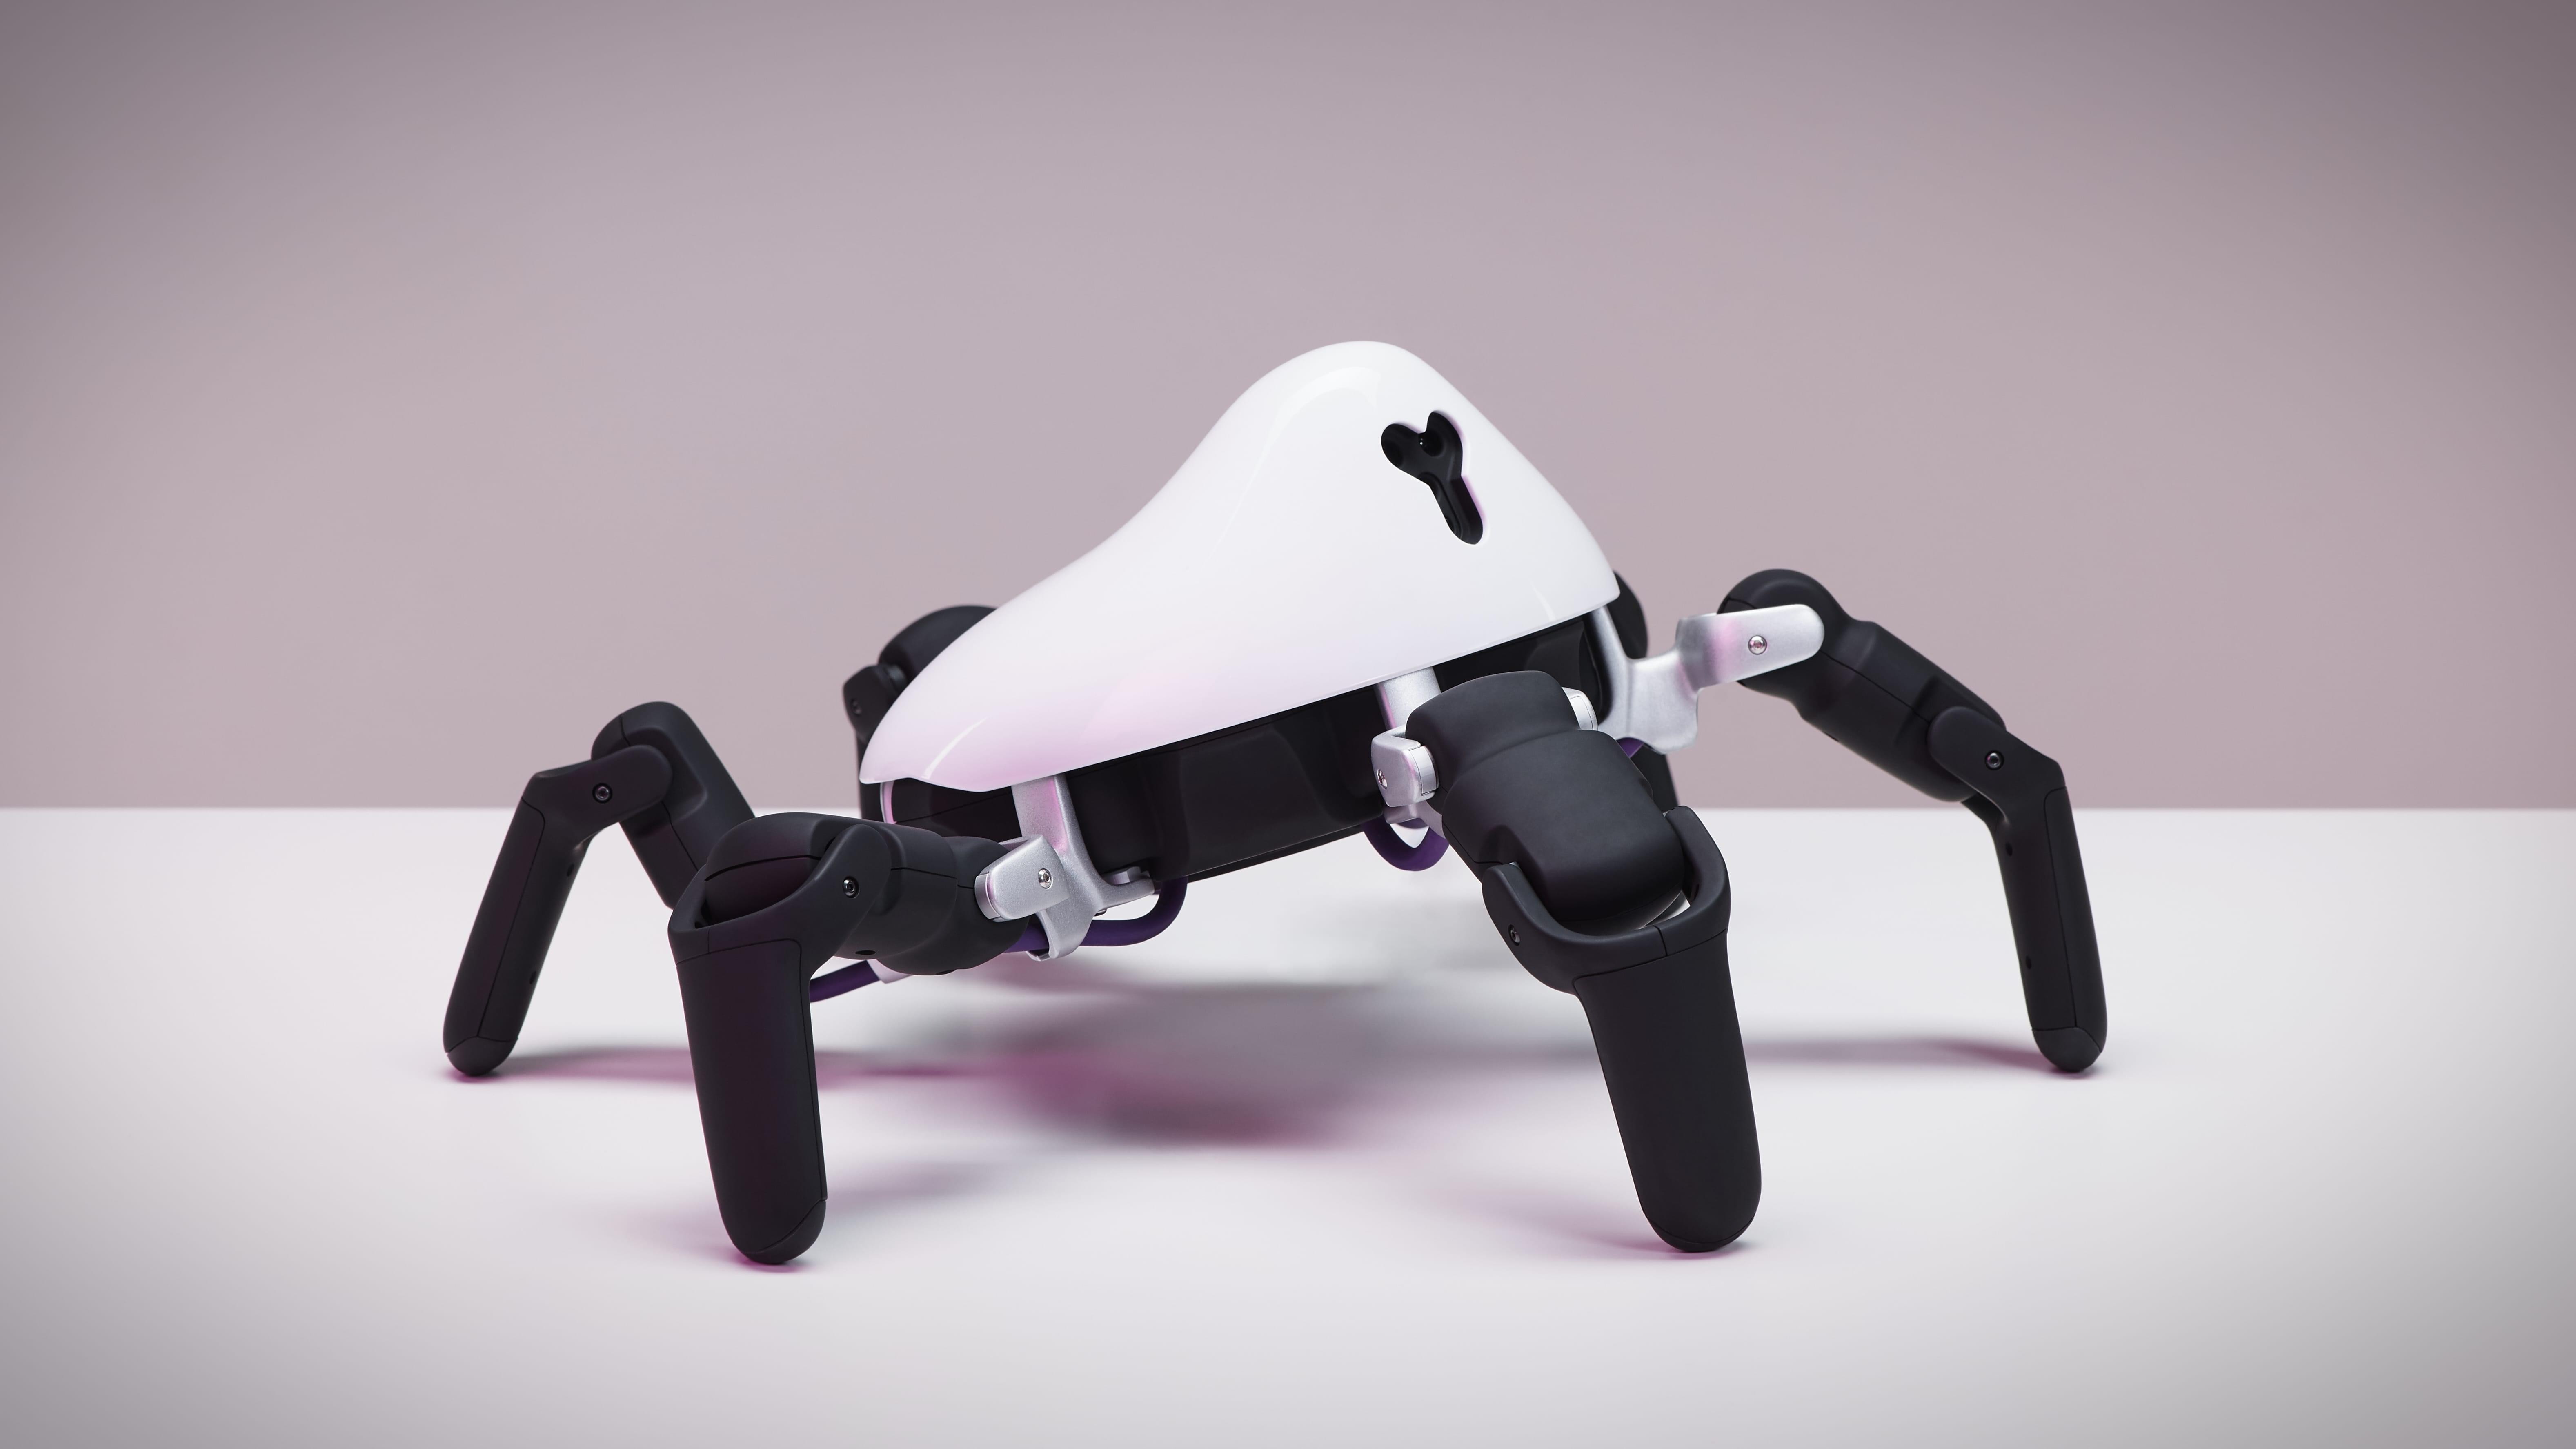 全地形机器人HEXA评测:不做玩具 钻洞爬台阶可编程